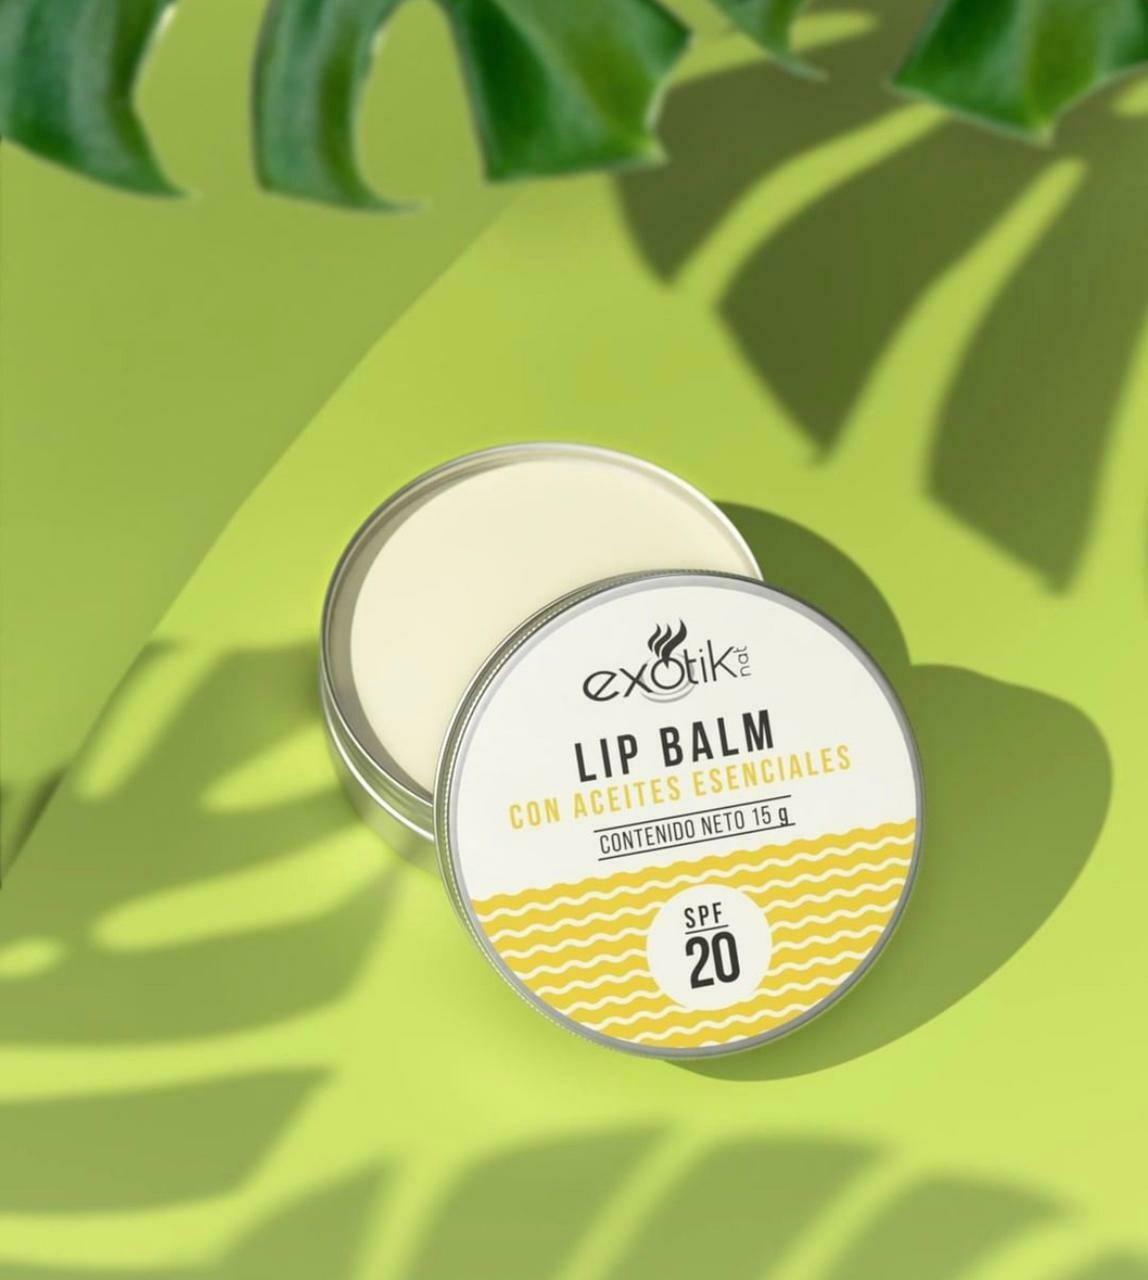 Balsamo Para Labios SFP 20 Con Aceites Esenciales Exotik 15g